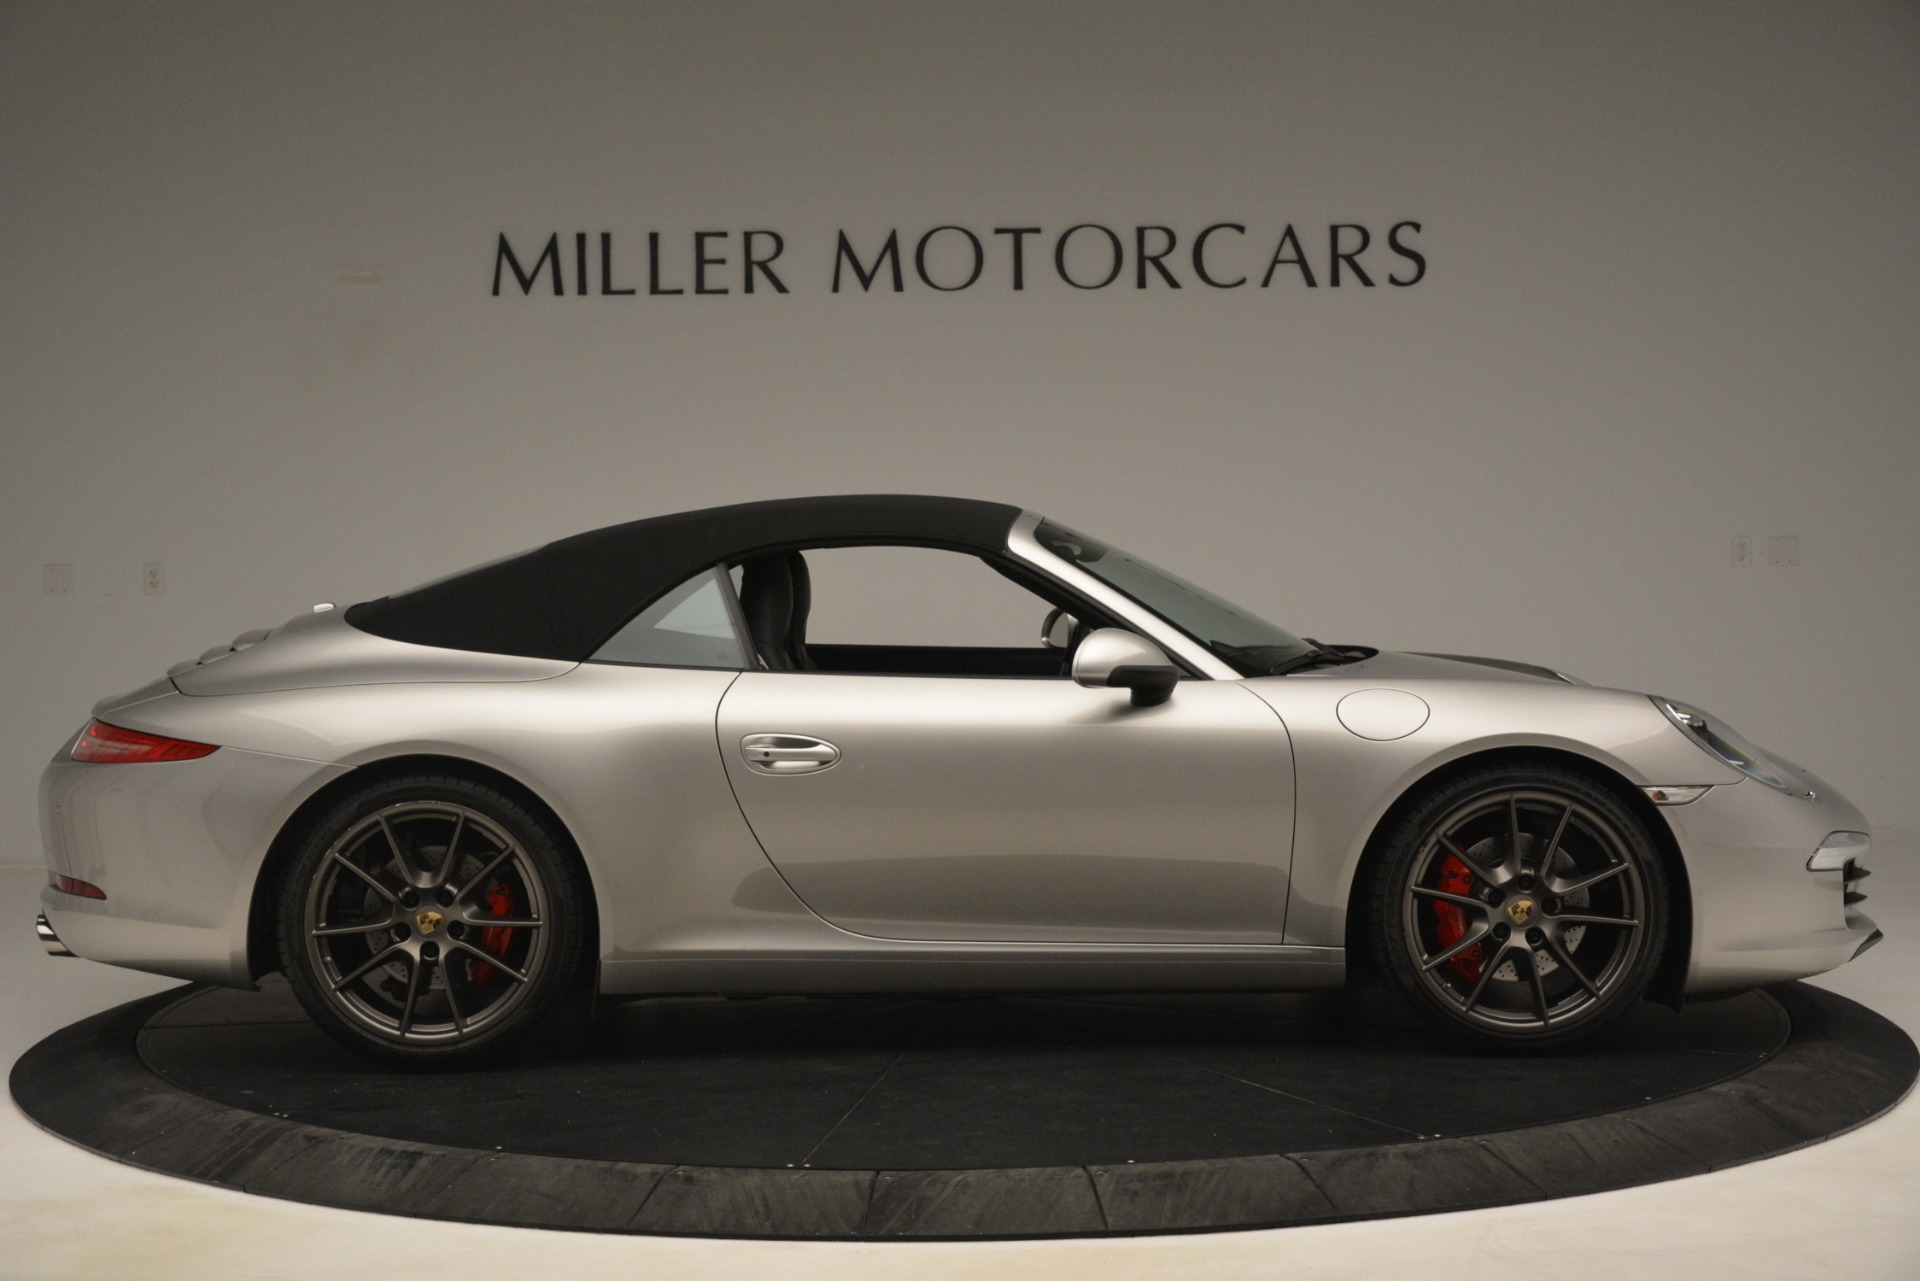 Used 2013 Porsche 911 Carrera S For Sale In Greenwich, CT 3107_p18